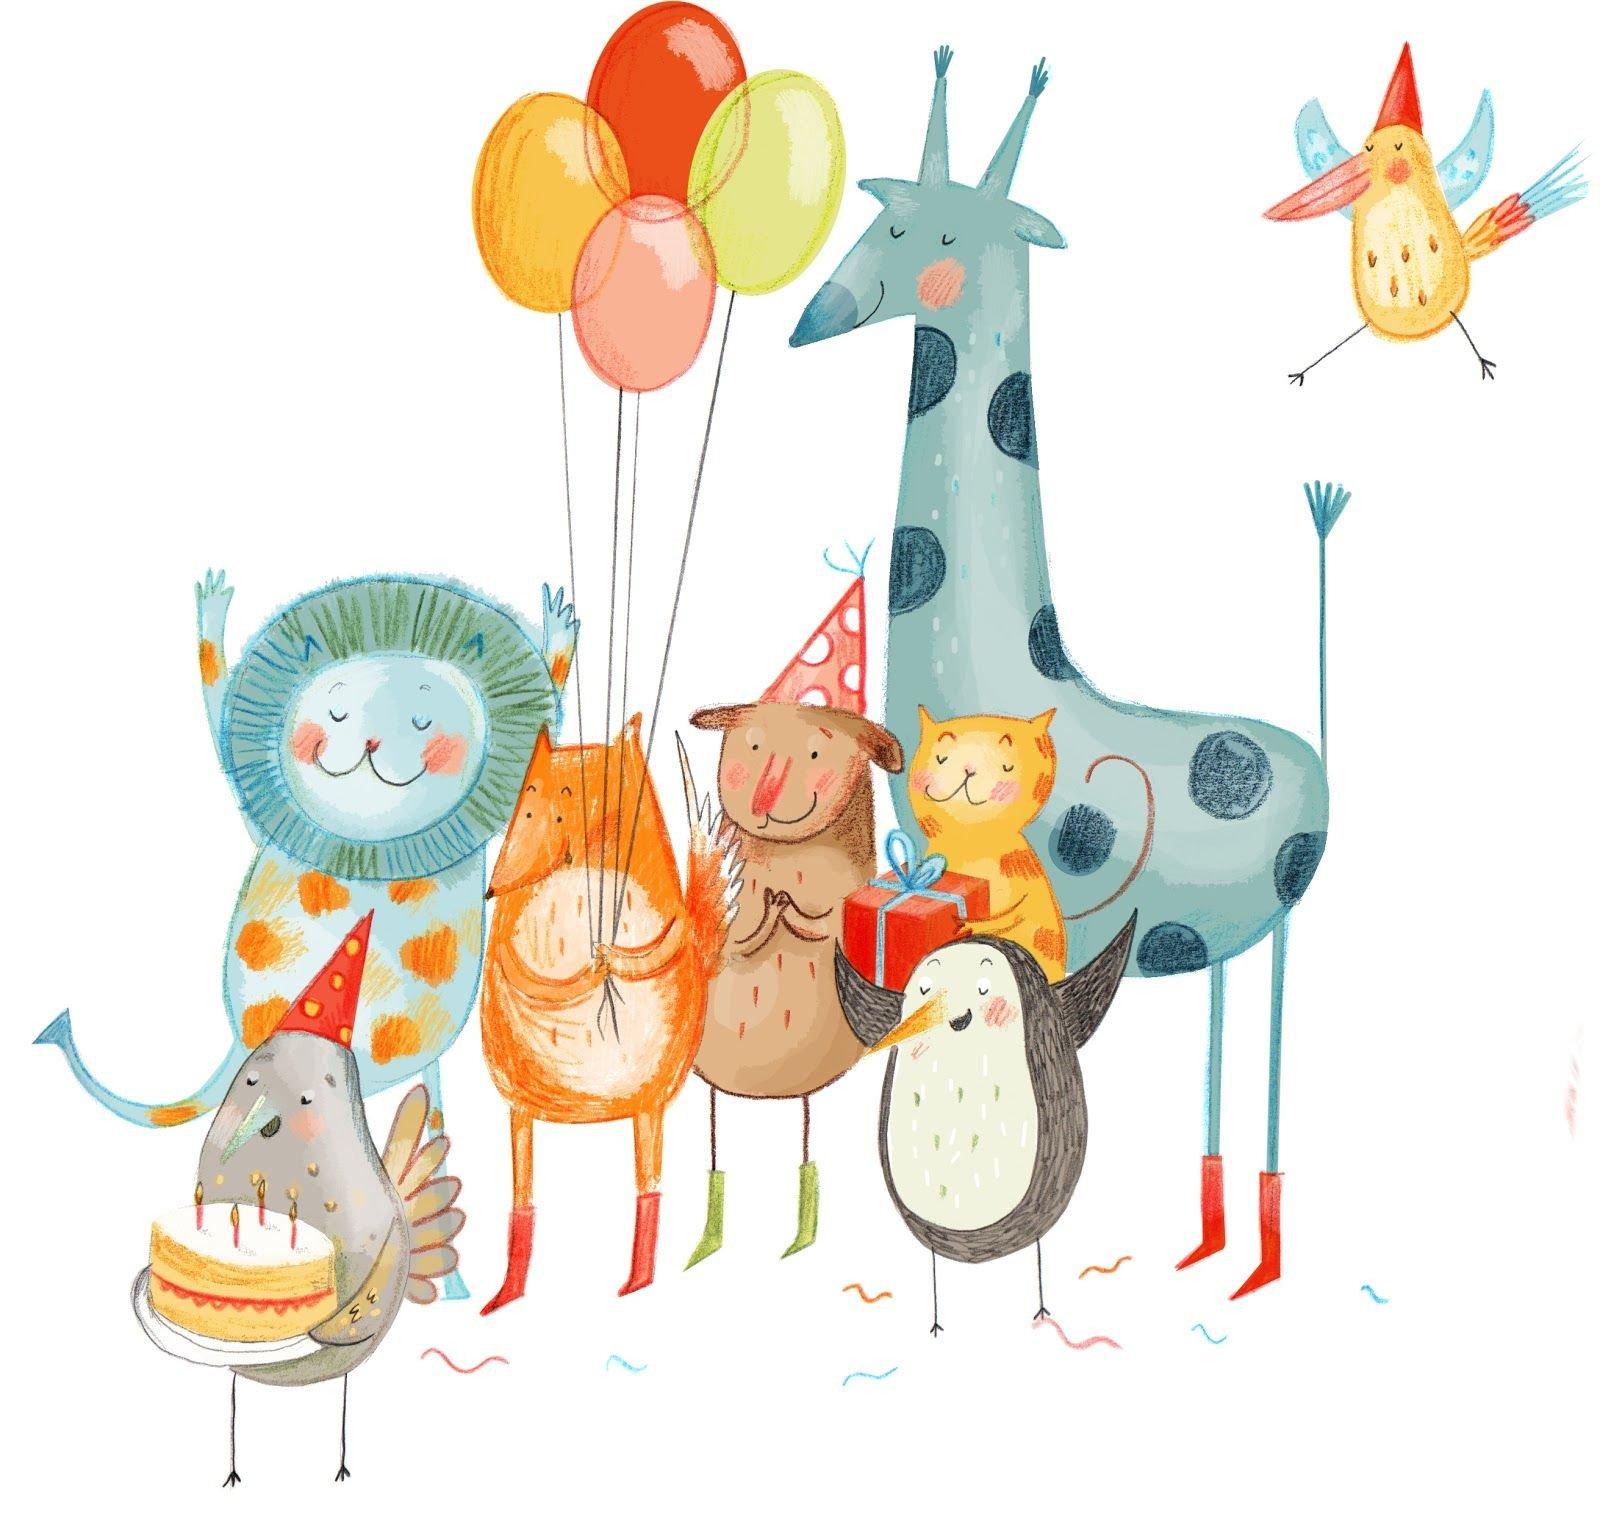 дейция используется яркие стильные открытки с днем рождения год